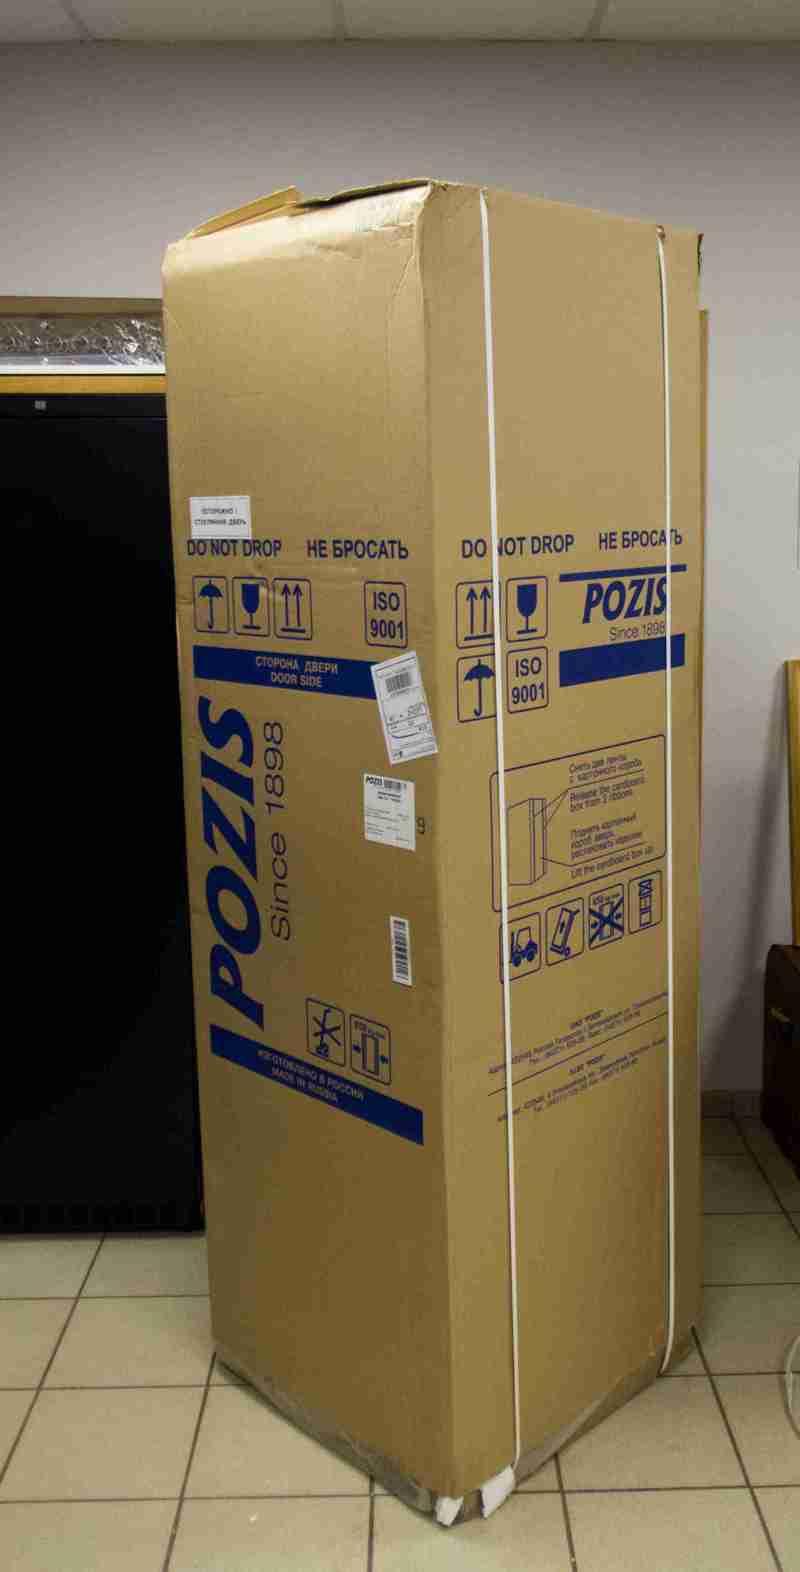 POZIS Wine Ш-120 в упаковке